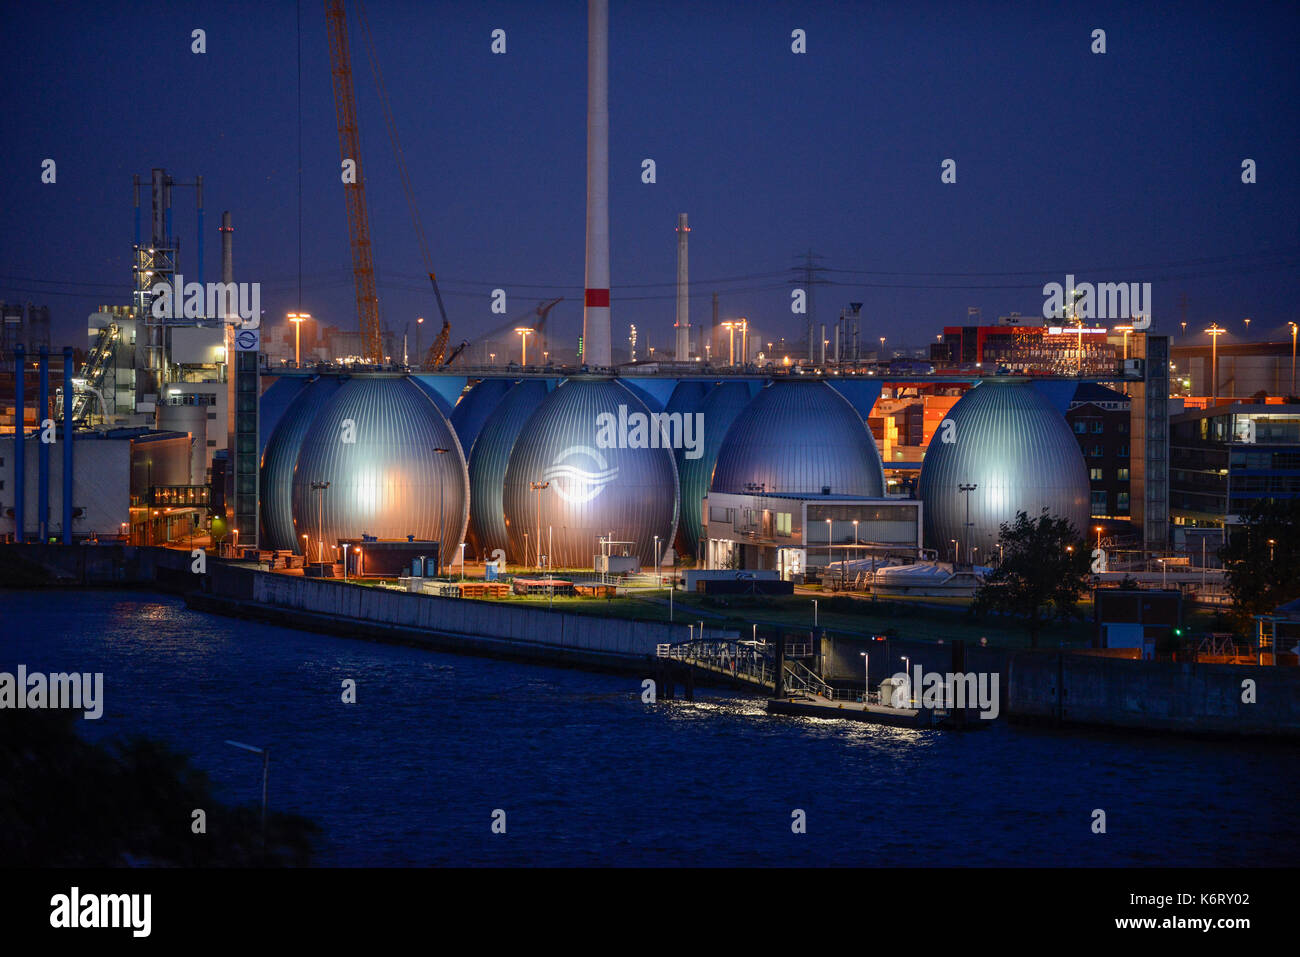 GERMANY, Hamburg, river Elbe,  illuminated biogas plant at treatment plant of Hamburg water , sludge is fermented to process Biogas / DEUTSCHLAND Hamburg, beleuchtetes Klaerwerk Koehlbrandhoeft von Hamburg Wasser, aus Klaerschlamm wird in einer Biogasanlage Biogas gewonnen und ins Gasnetz eingespeist - Stock Image